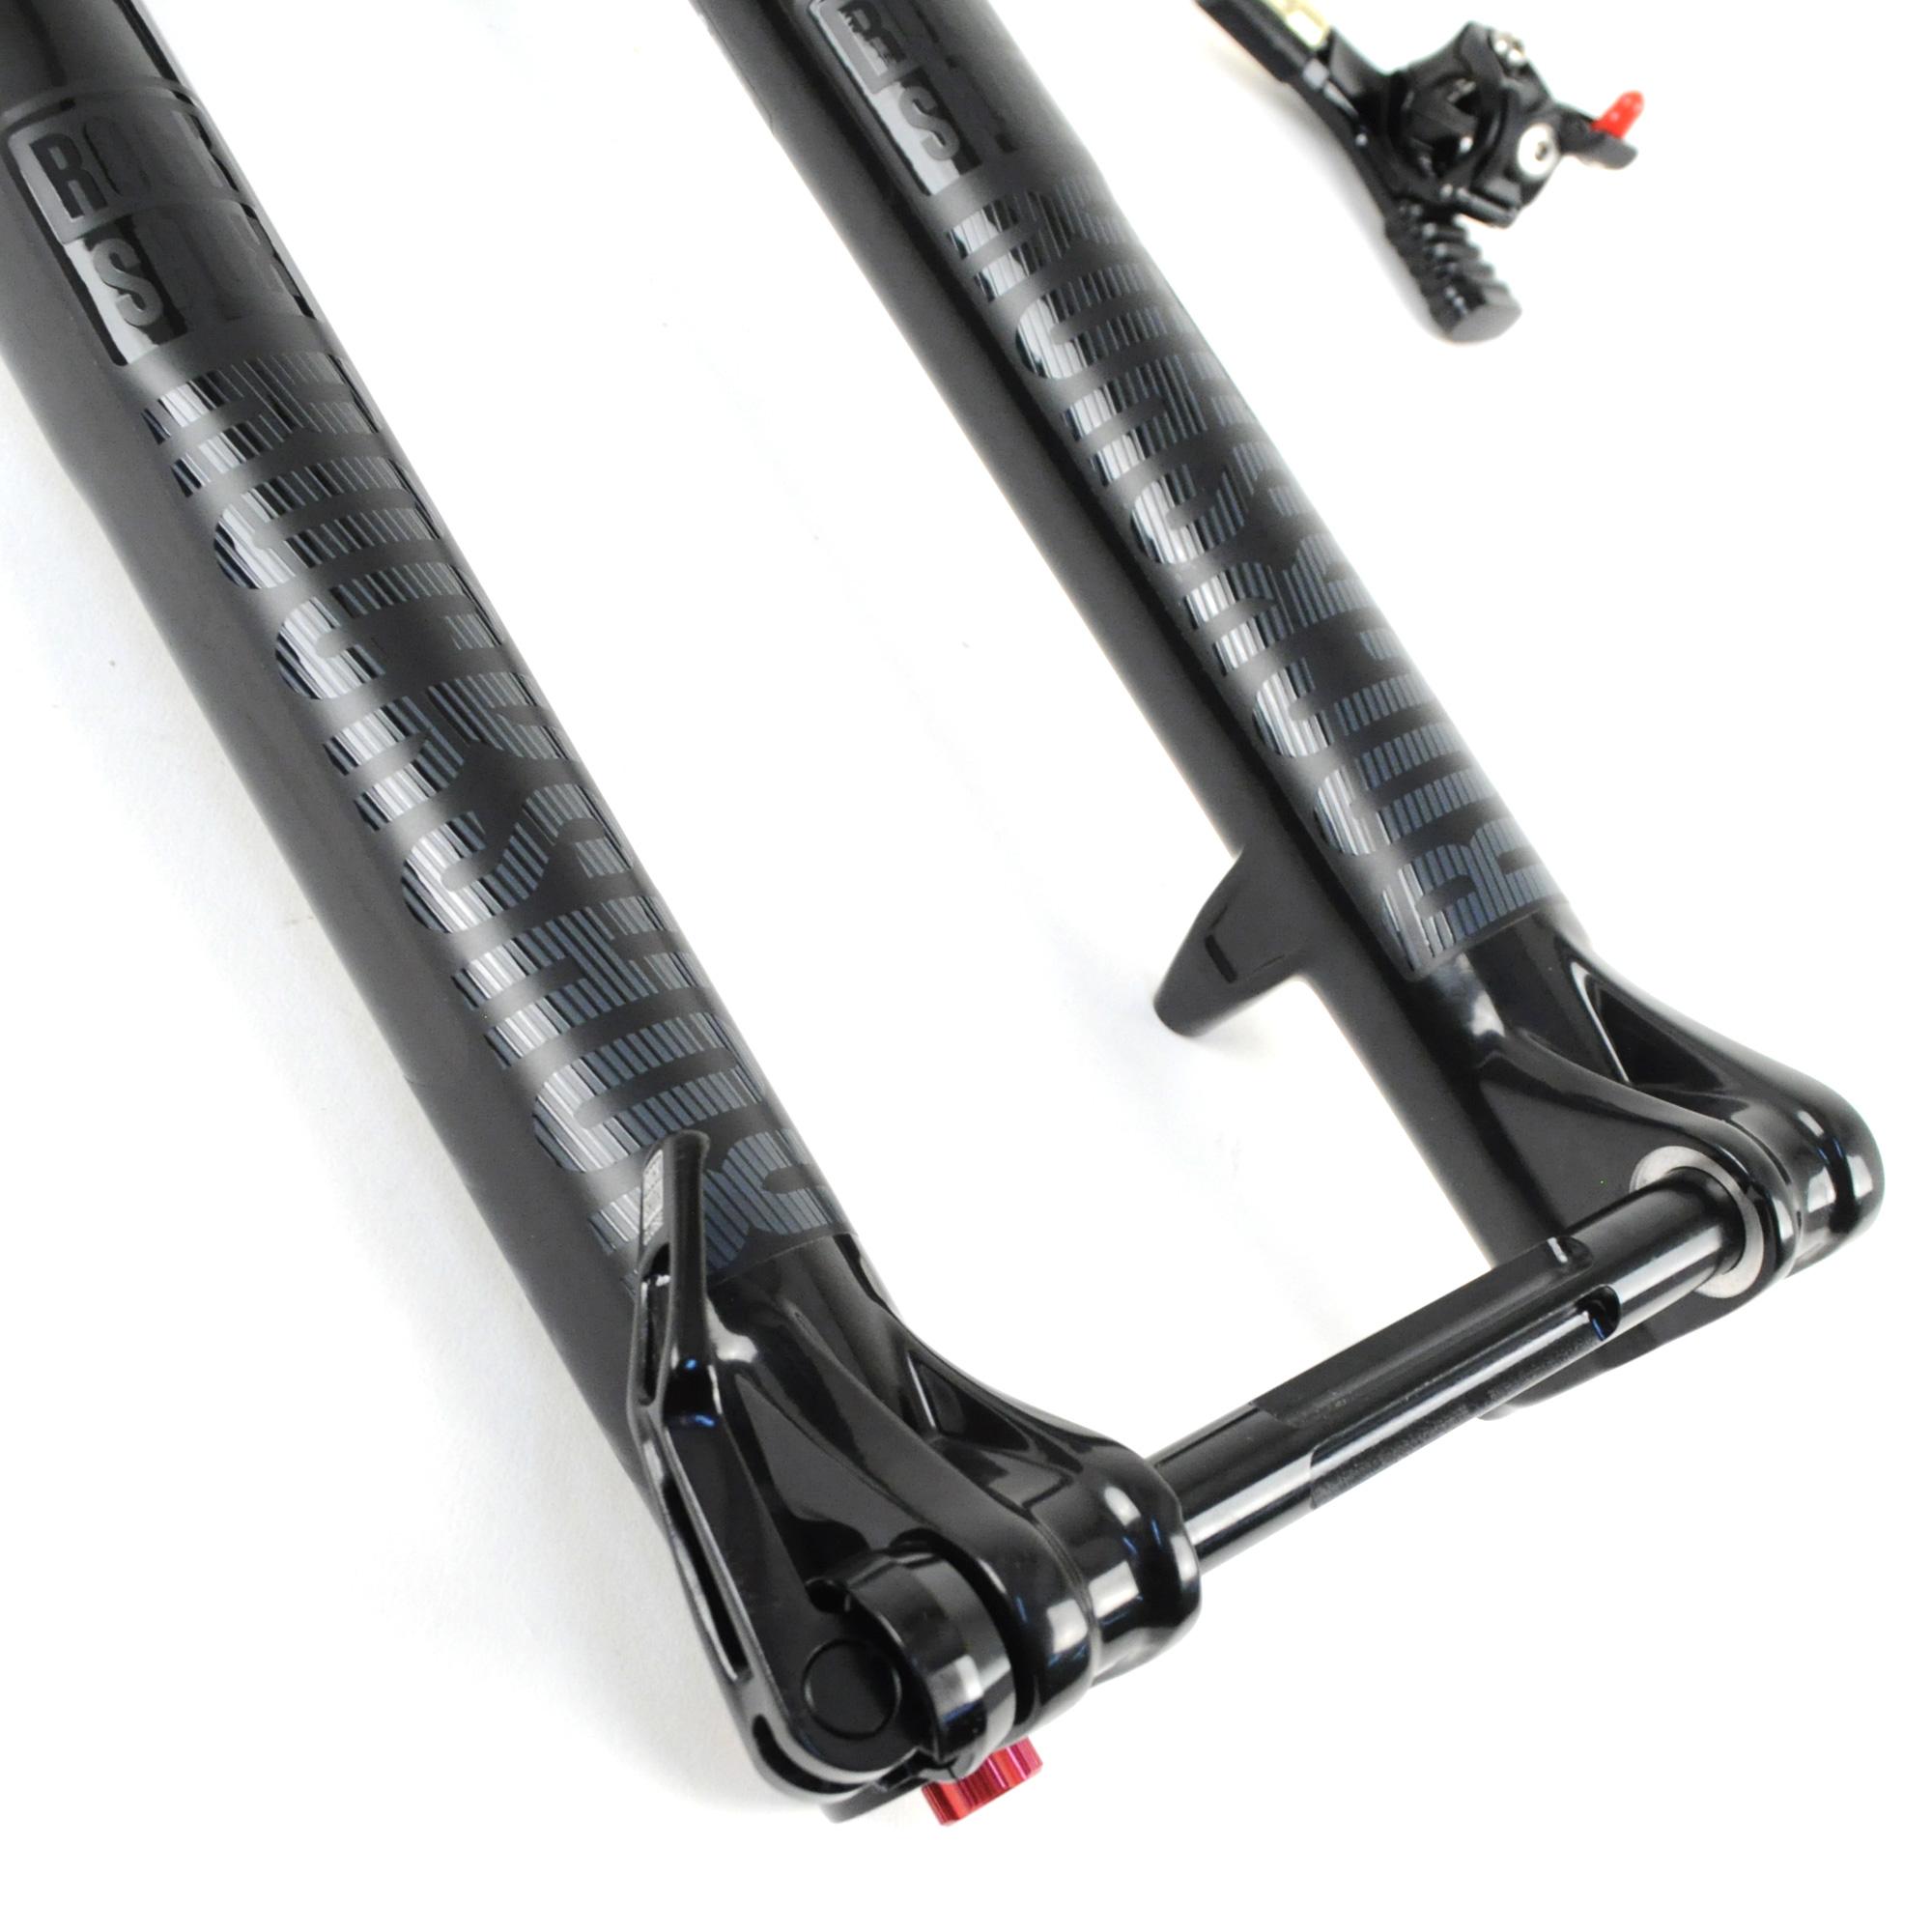 RockShox-SID-XX-MTB-Fork-27-5-034-100mm-XLoc-Full-Sprint-Remote miniature 8